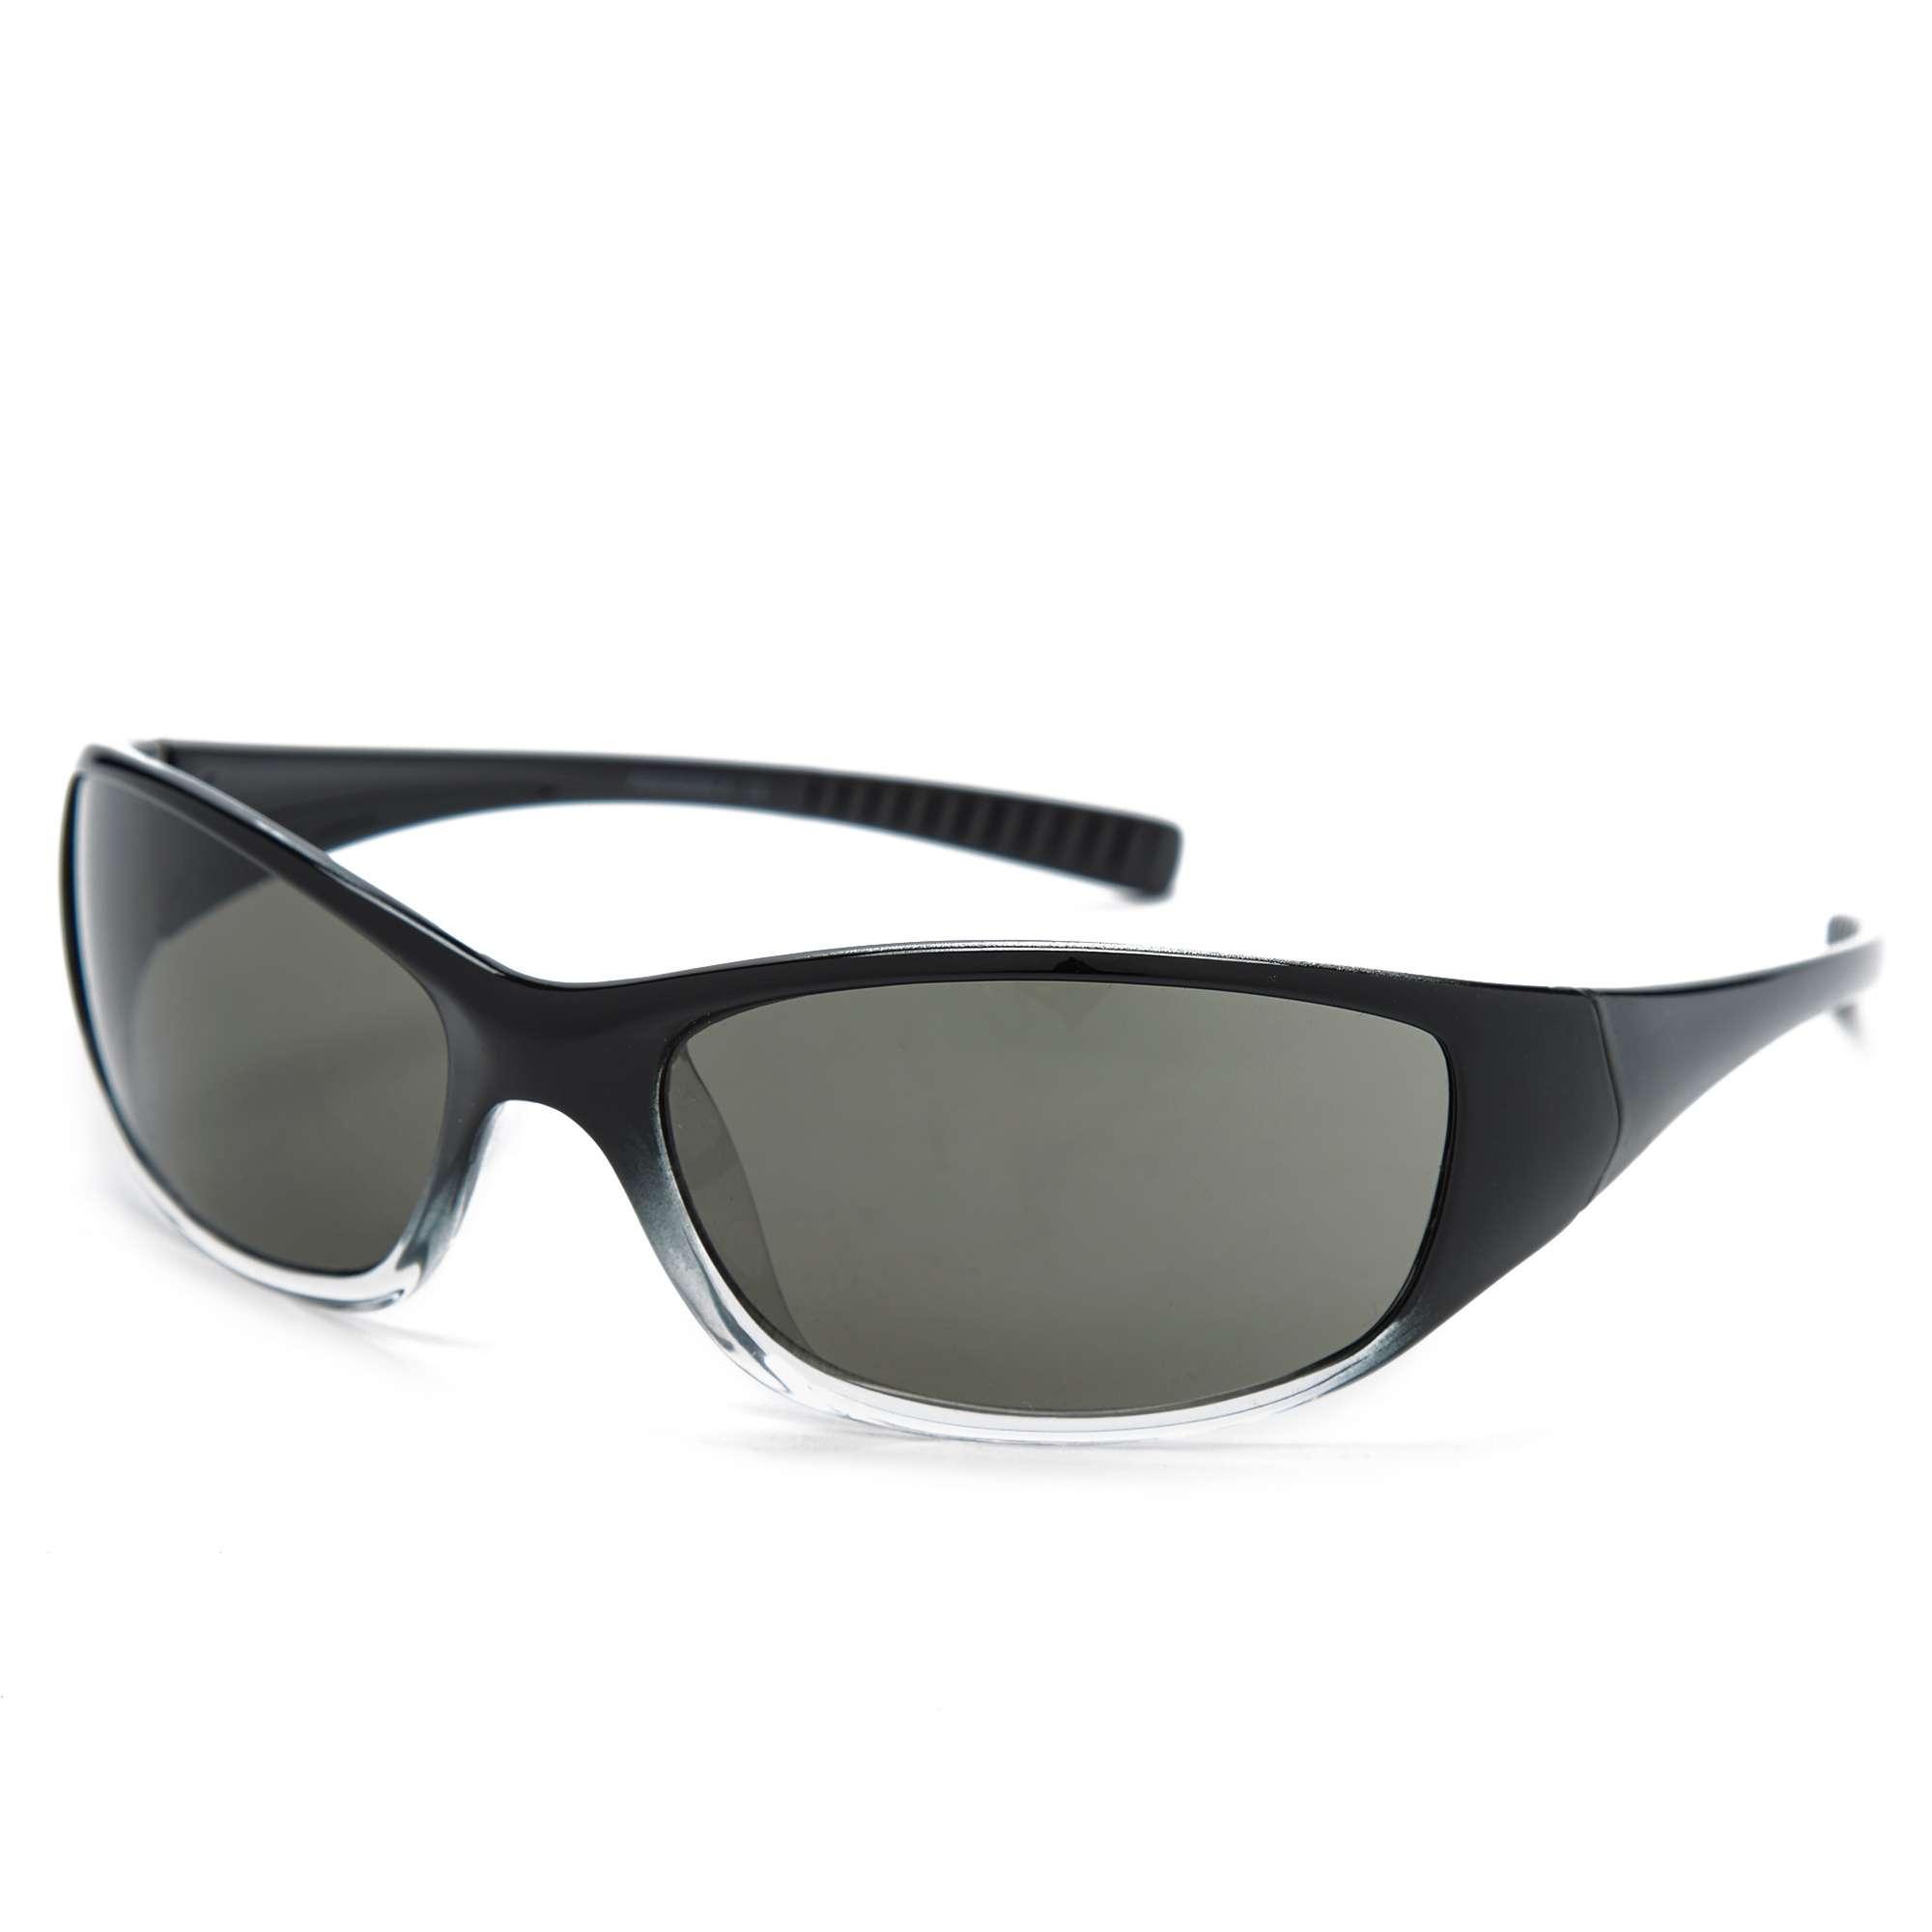 PETER STORM Men's Full Frame Sport Wrap Sunglasses